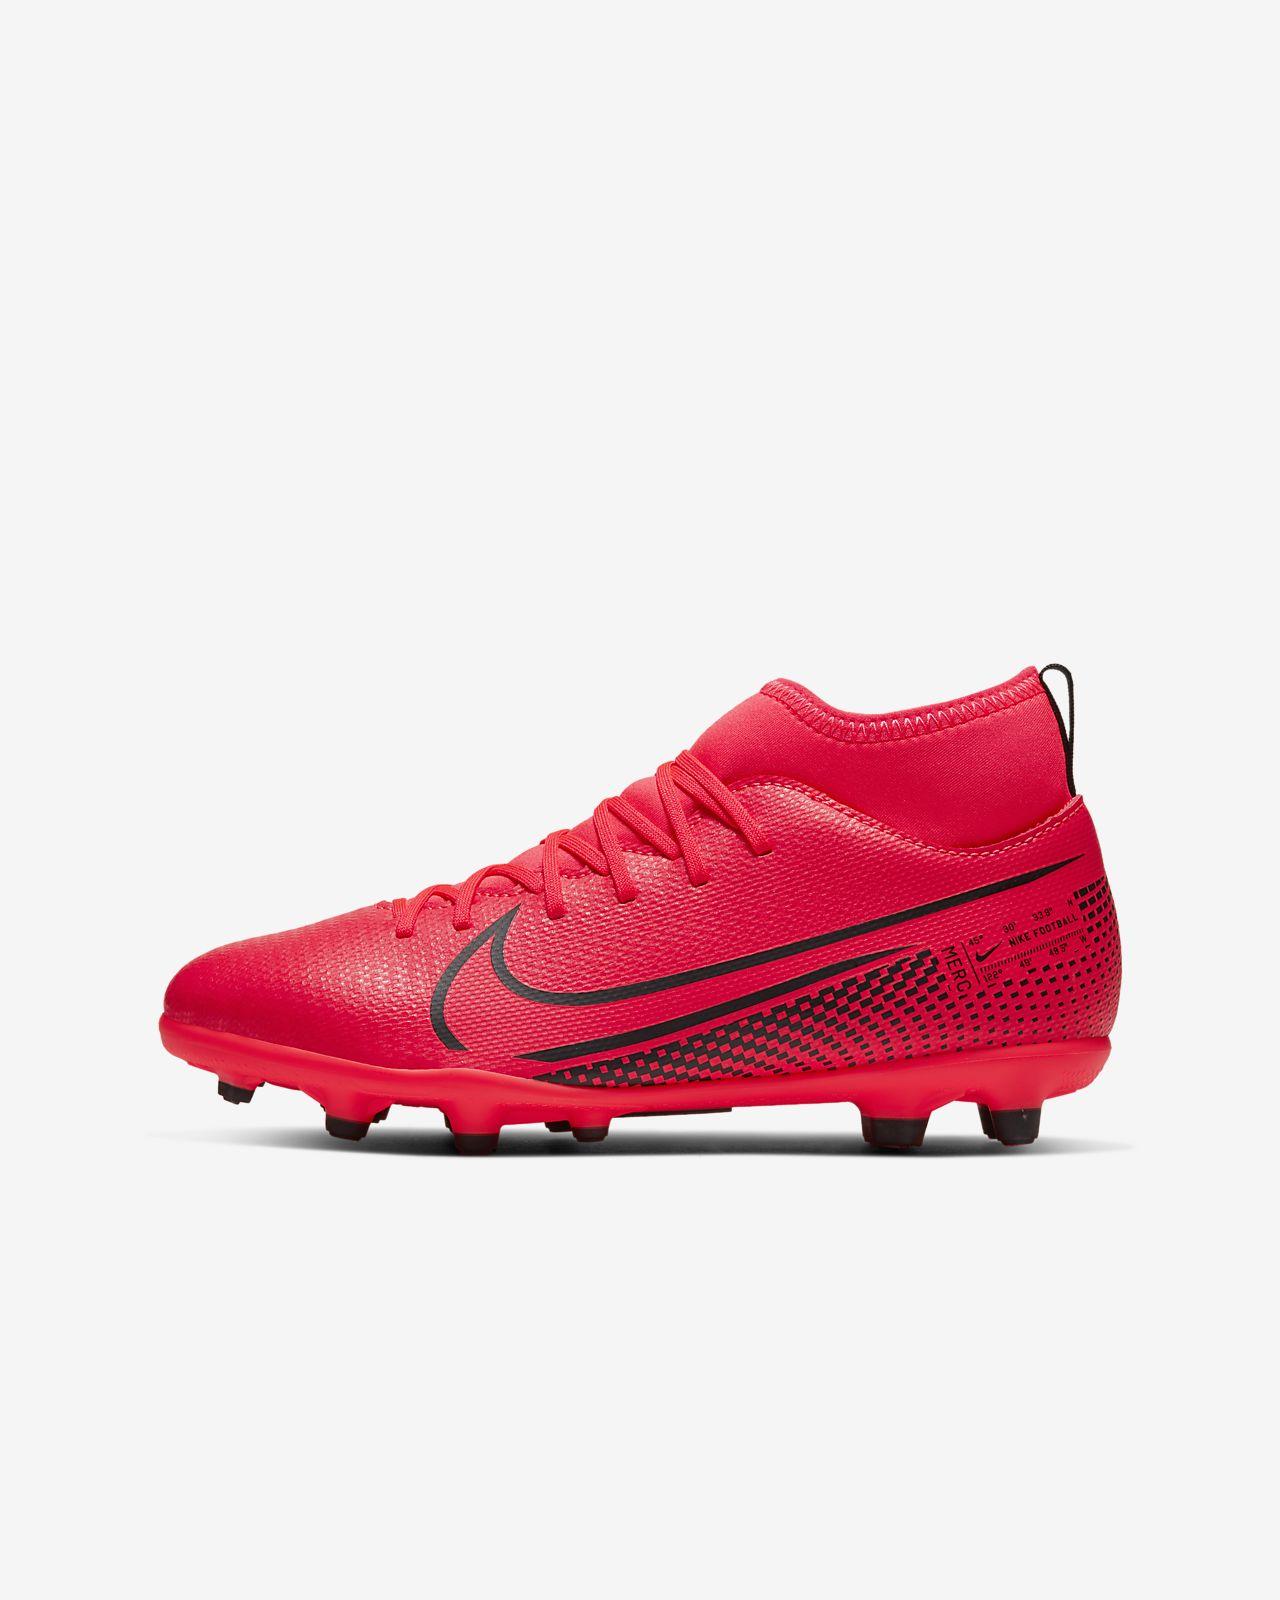 Fotbollssko för varierat underlag Nike Jr. Mercurial Superfly 7 Club MG för barnungdom